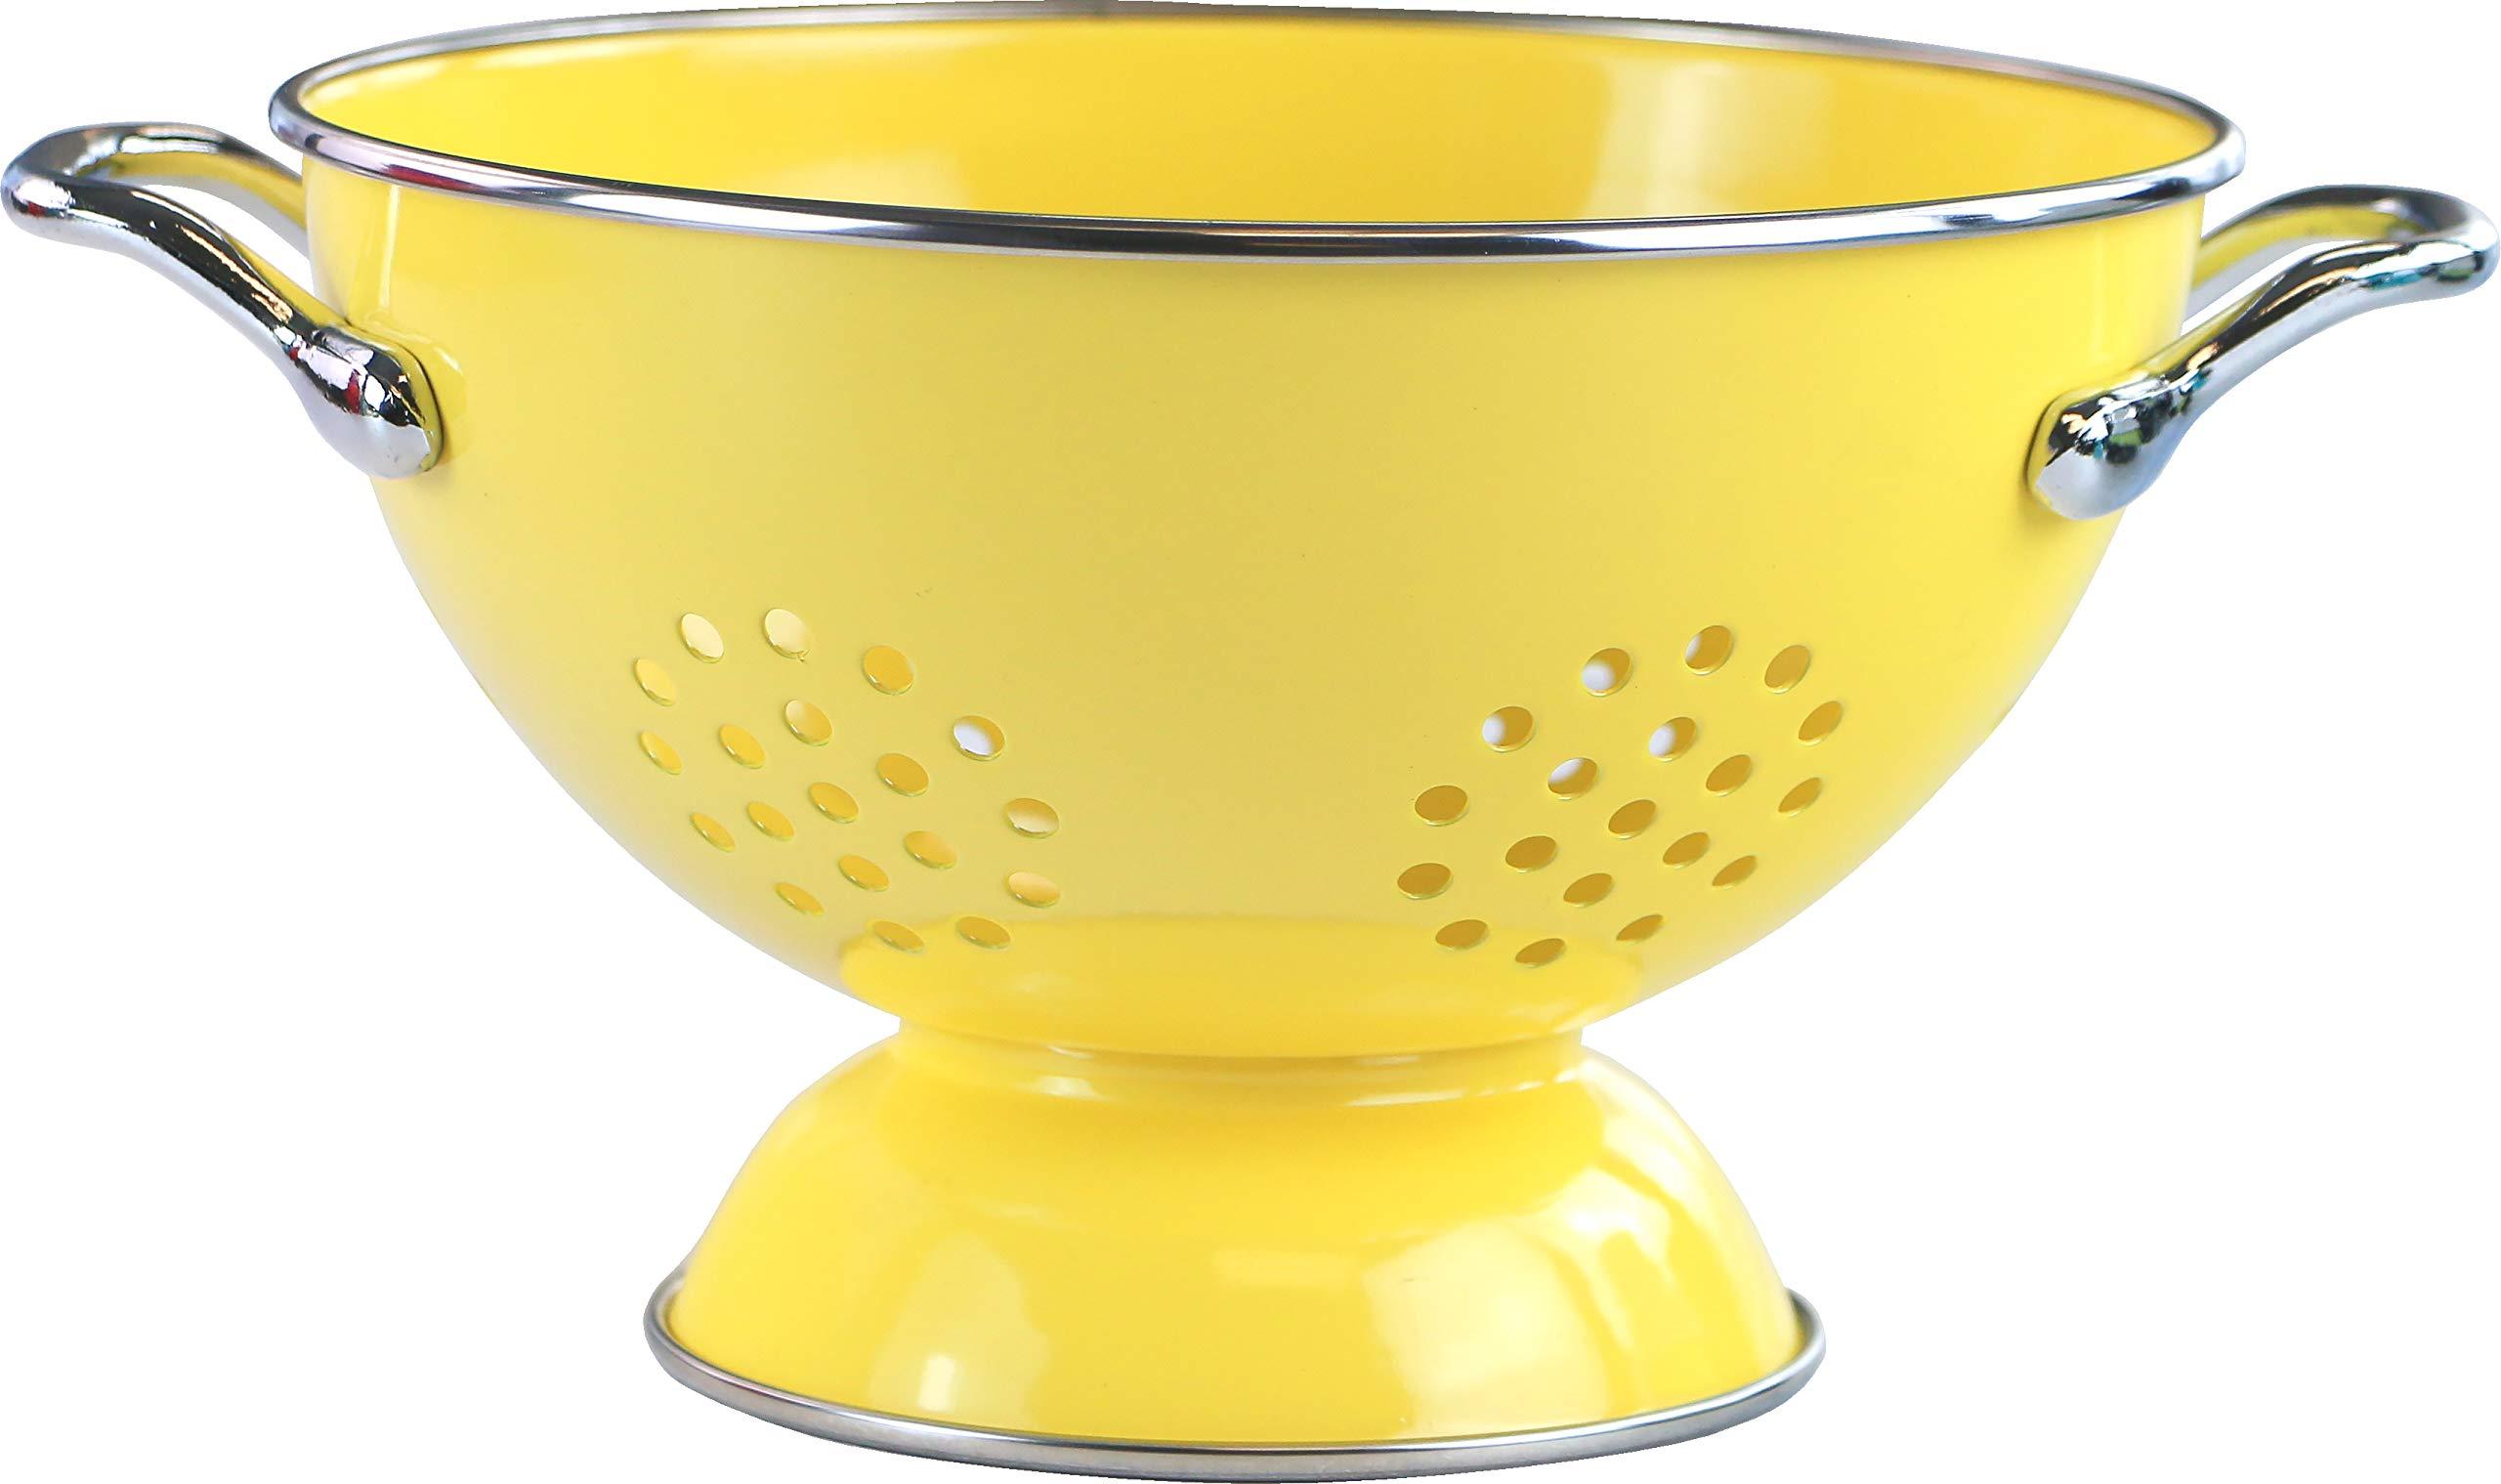 Calypso Basics by Reston Lloyd Powder Coated Enameled Colander, 1.5 Quart, Lemon